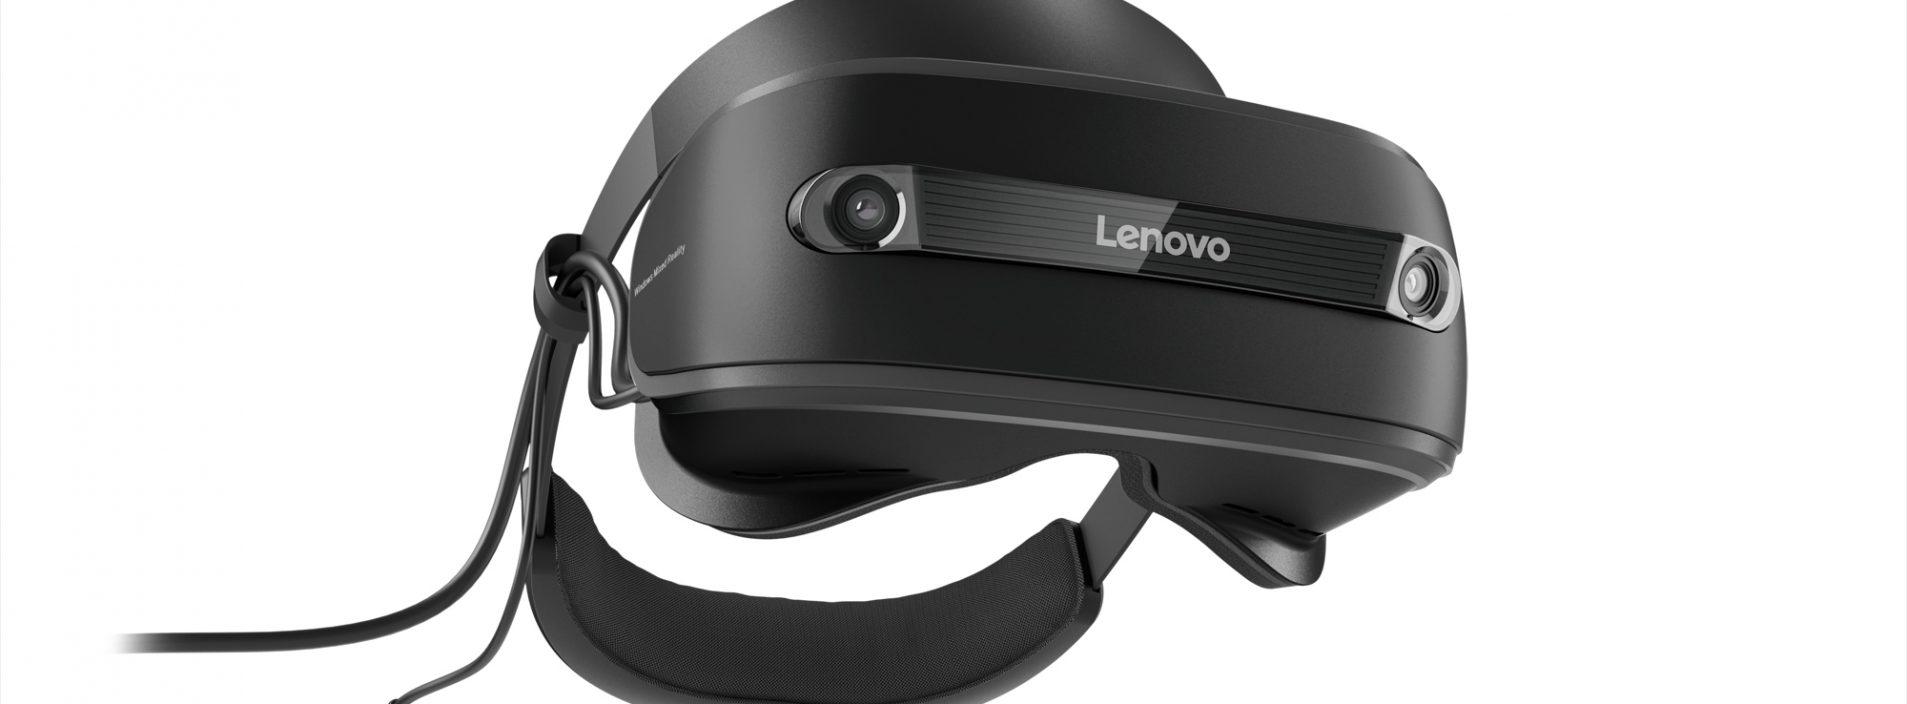 Headset da Lenovo para a Windows Mixed Reality chega ao Brasil